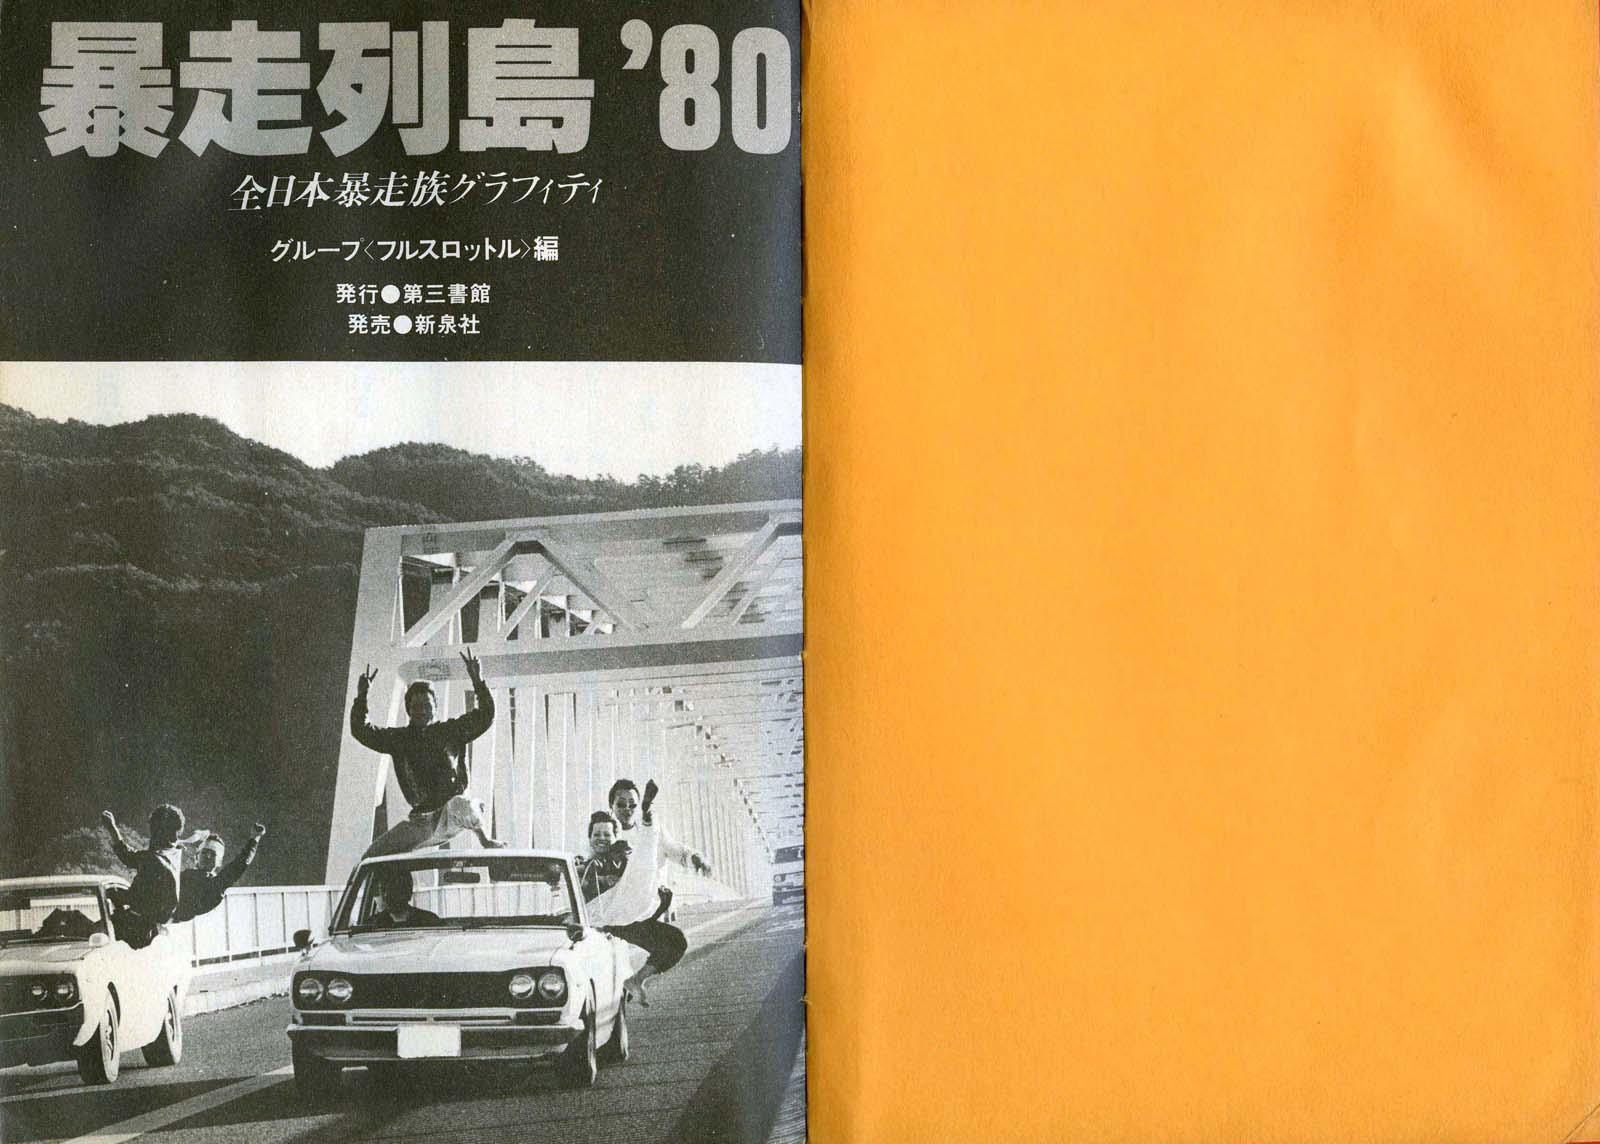 暴走列島'80